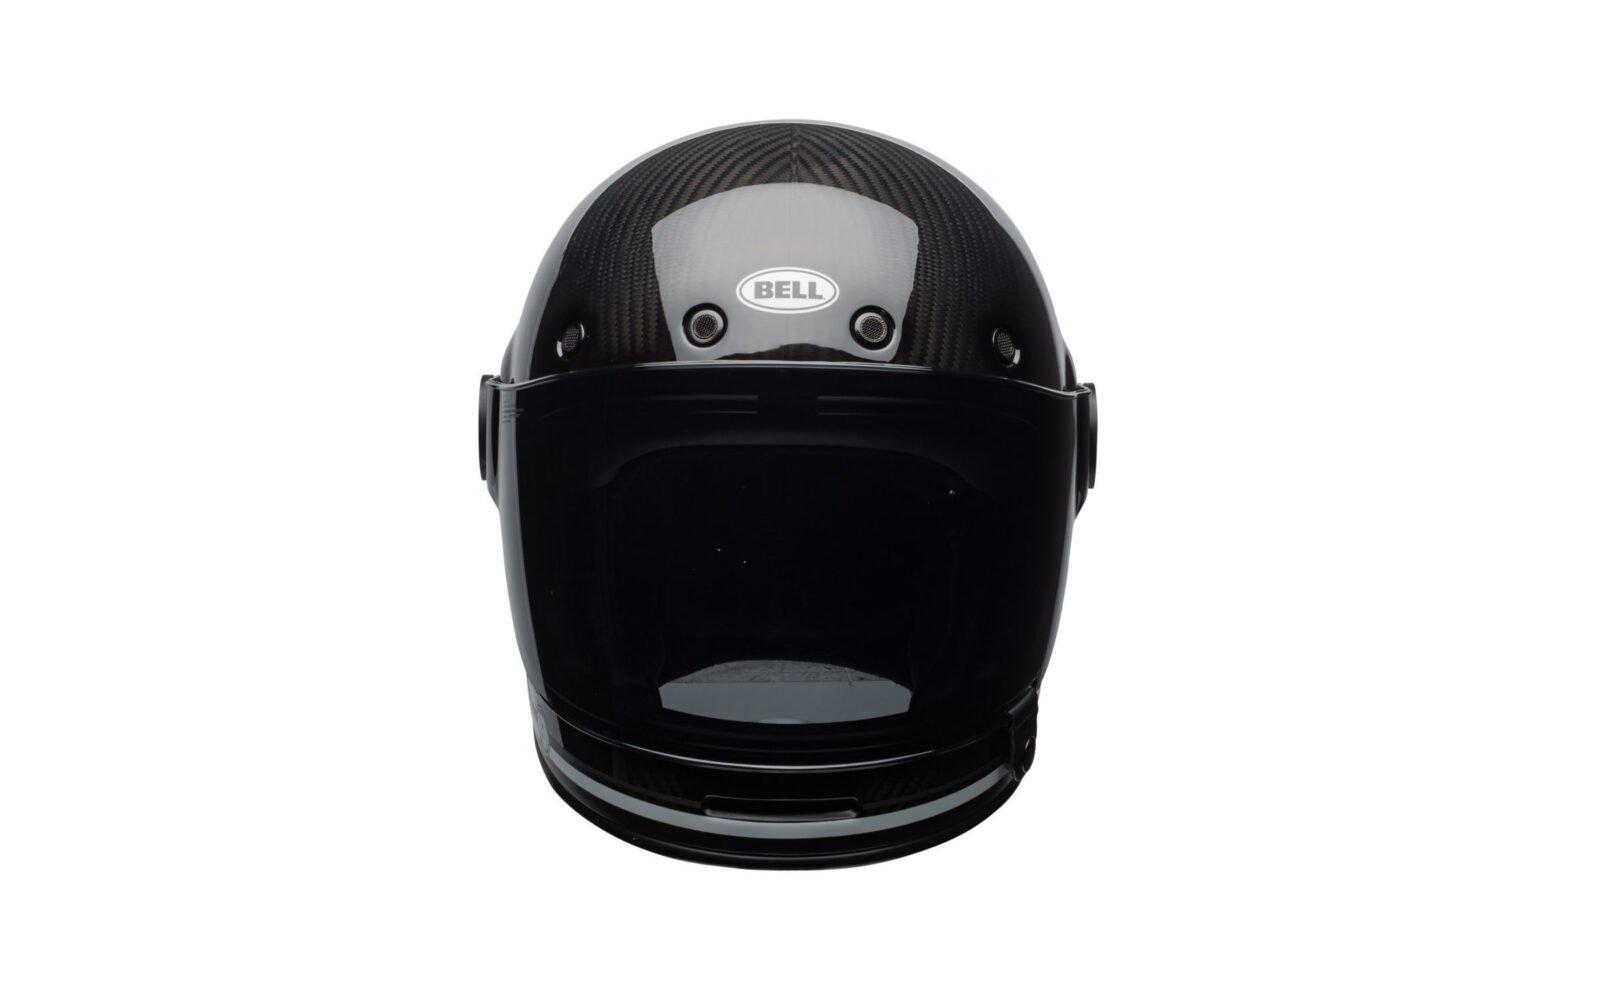 Bell Bullitt Carbon RSD Range Helmet Hero 1600x990 - Bell Bullitt Carbon RSD Range Helmet